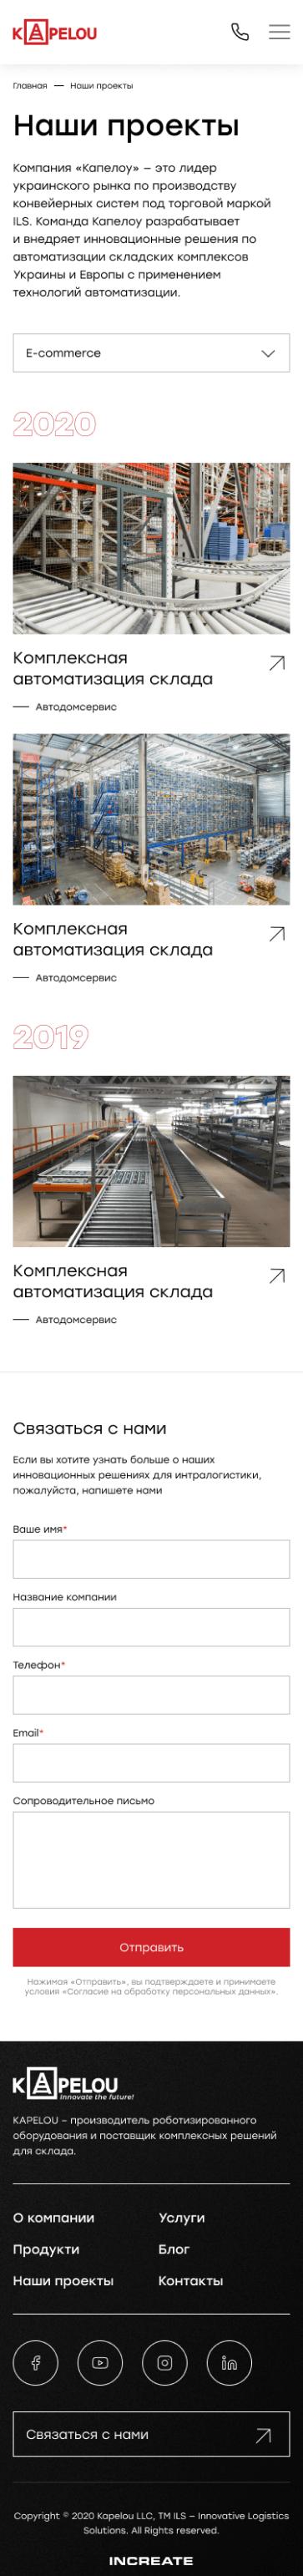 KAPELOU - INCREATE